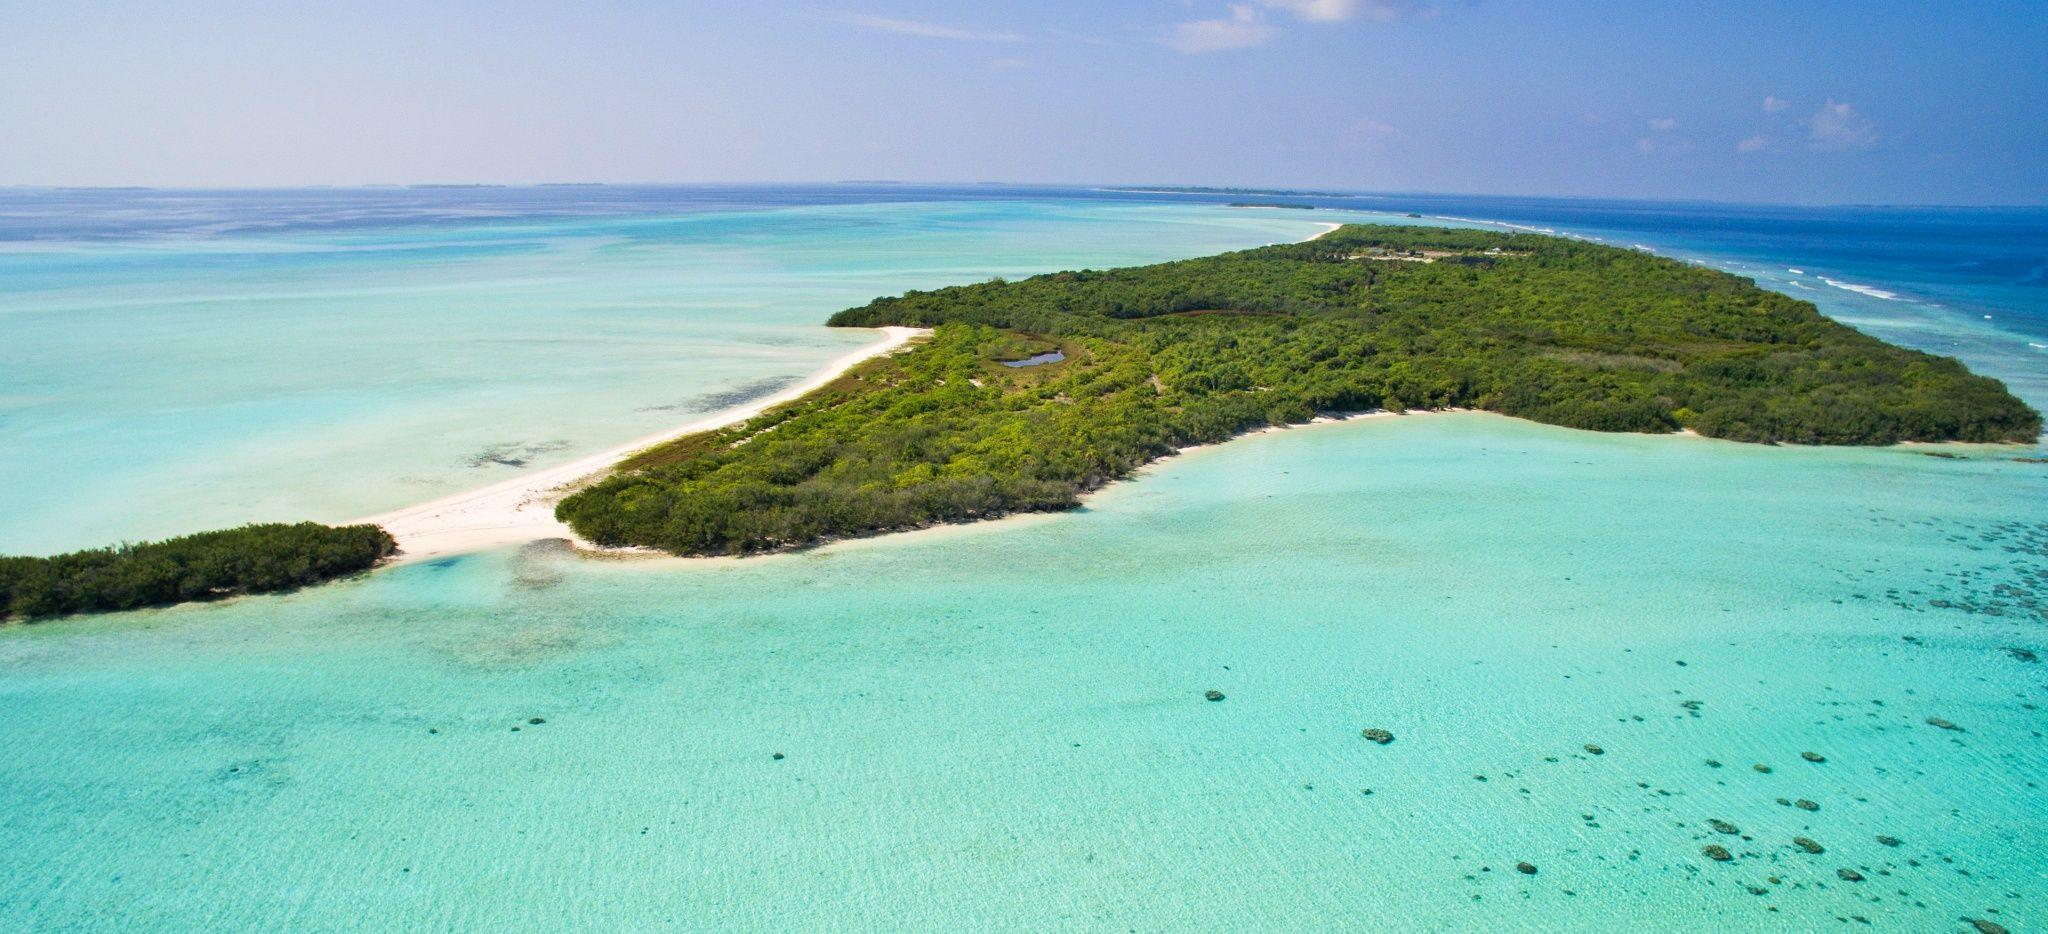 """Luftaufnahme der Resortinsel """"Soneva Jani"""" auf den Malediven"""